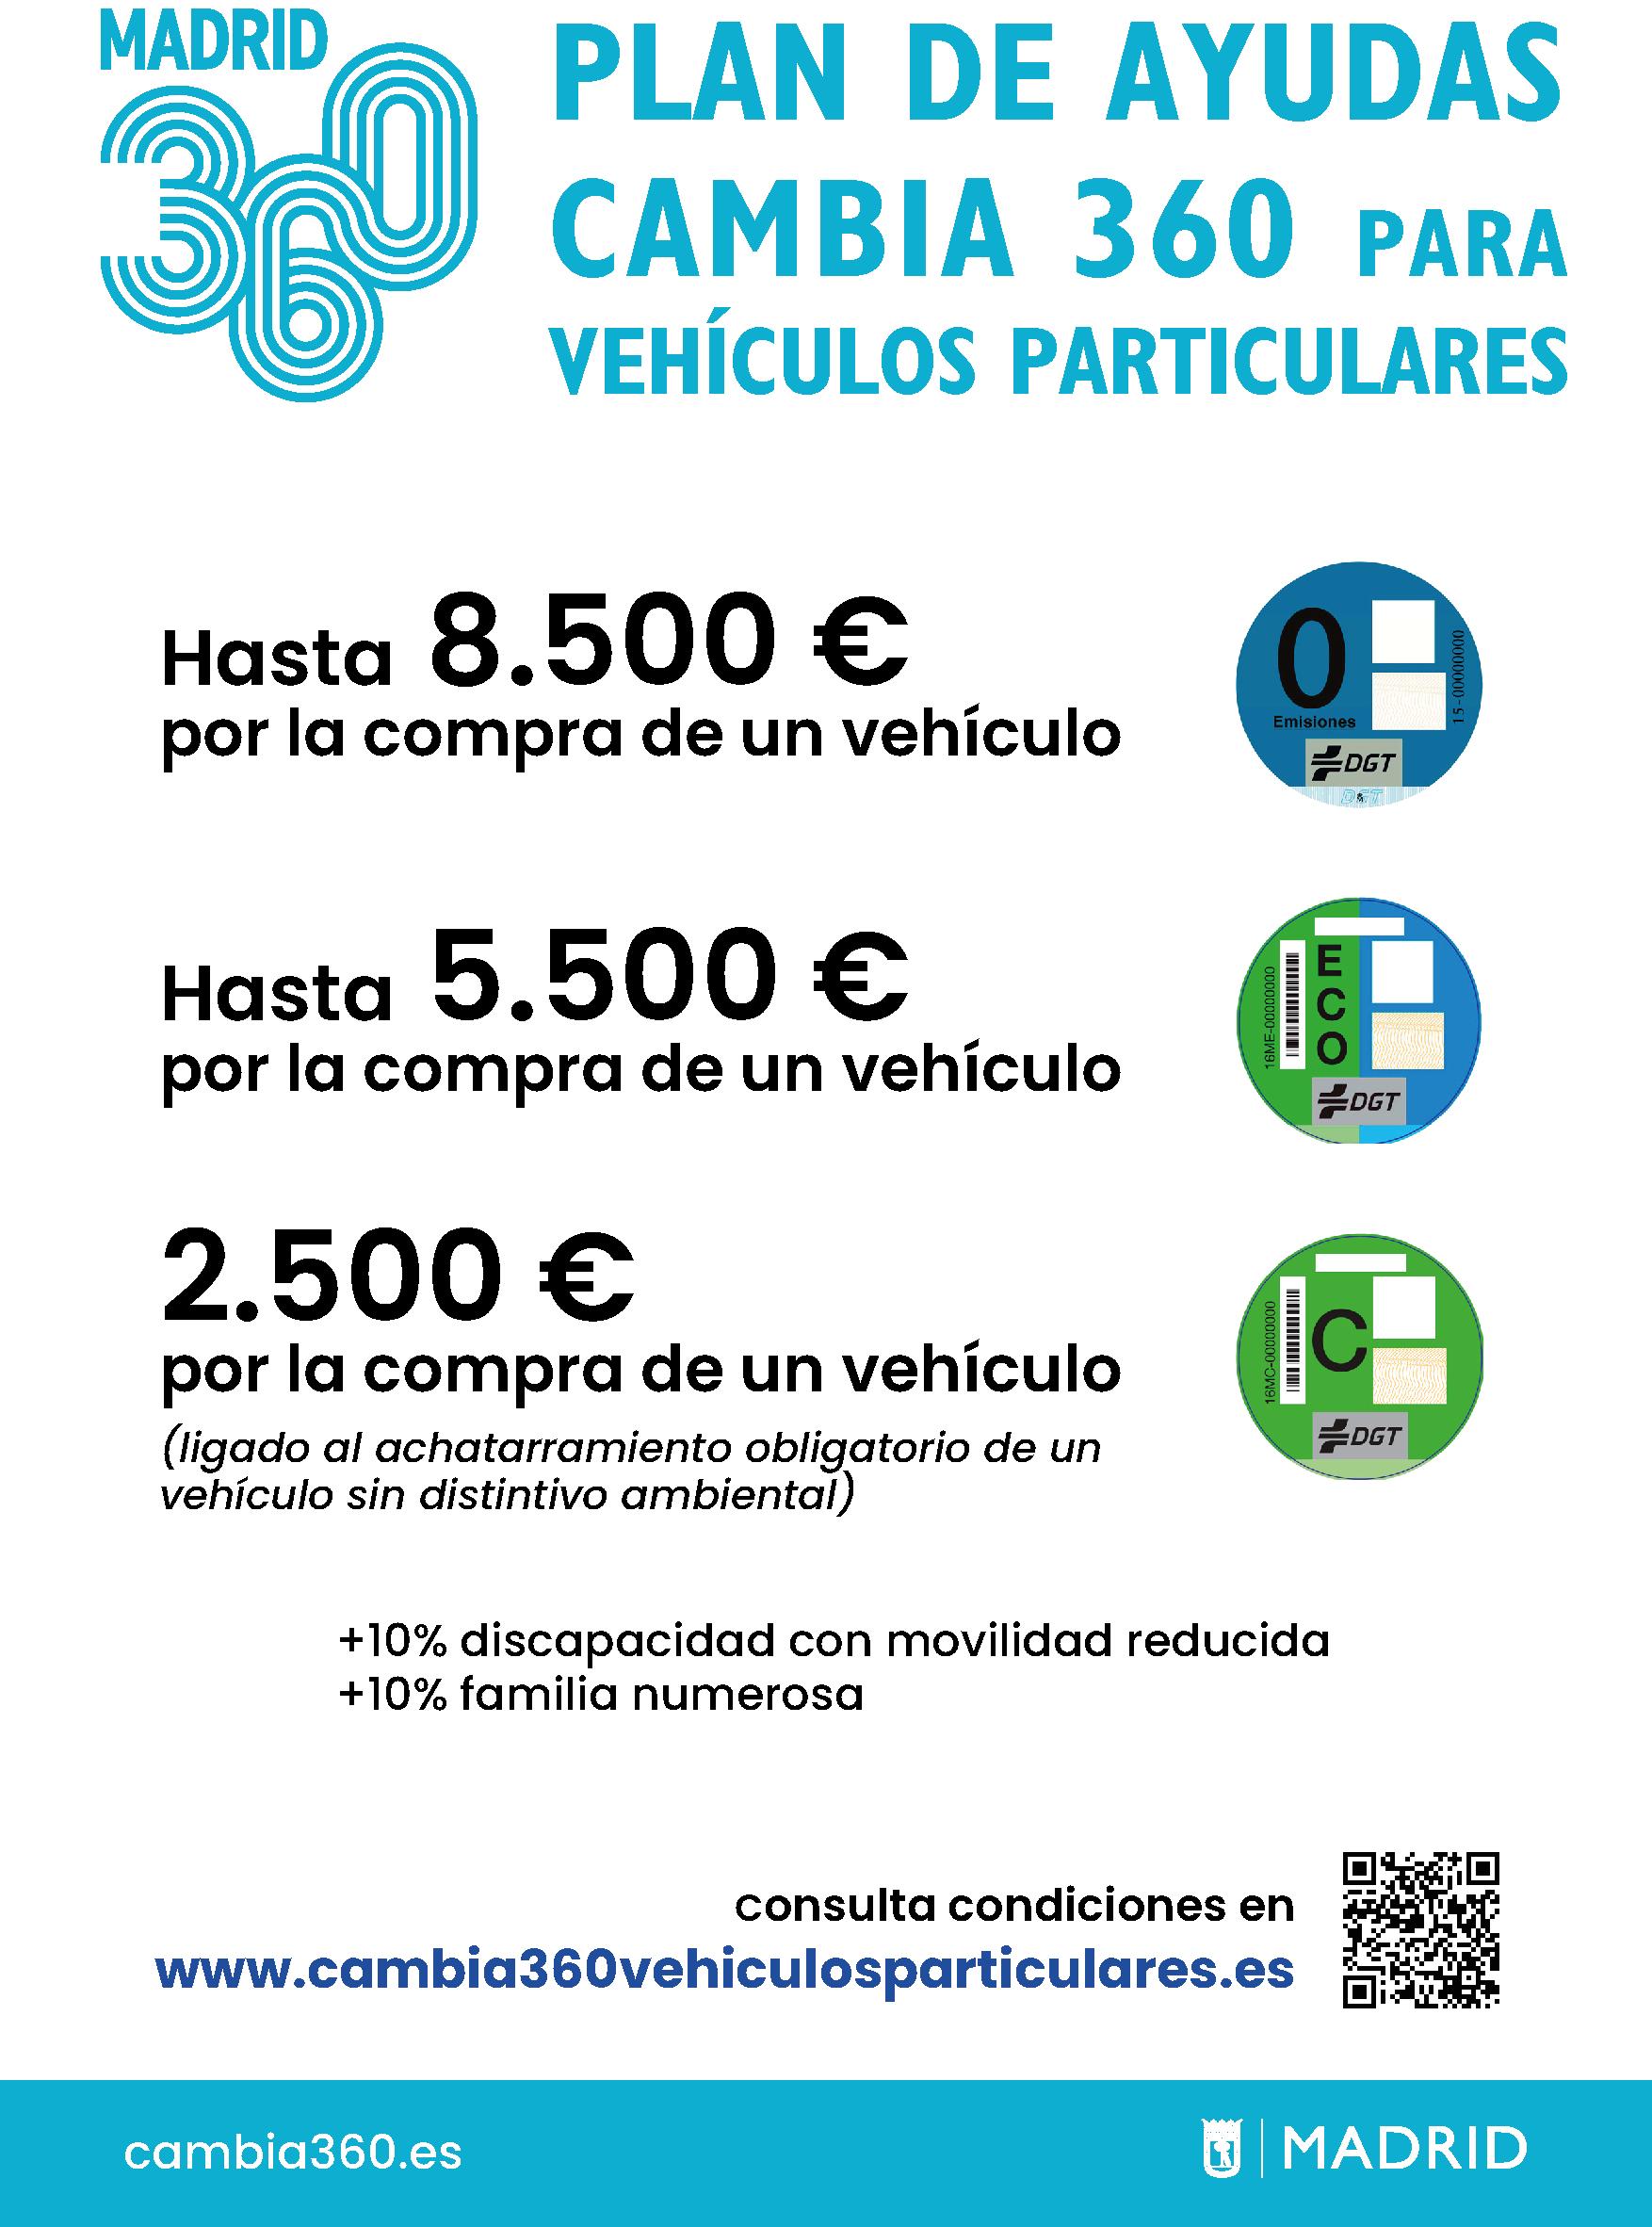 CARTEL CONCESIONARIOS CAMBIA 360